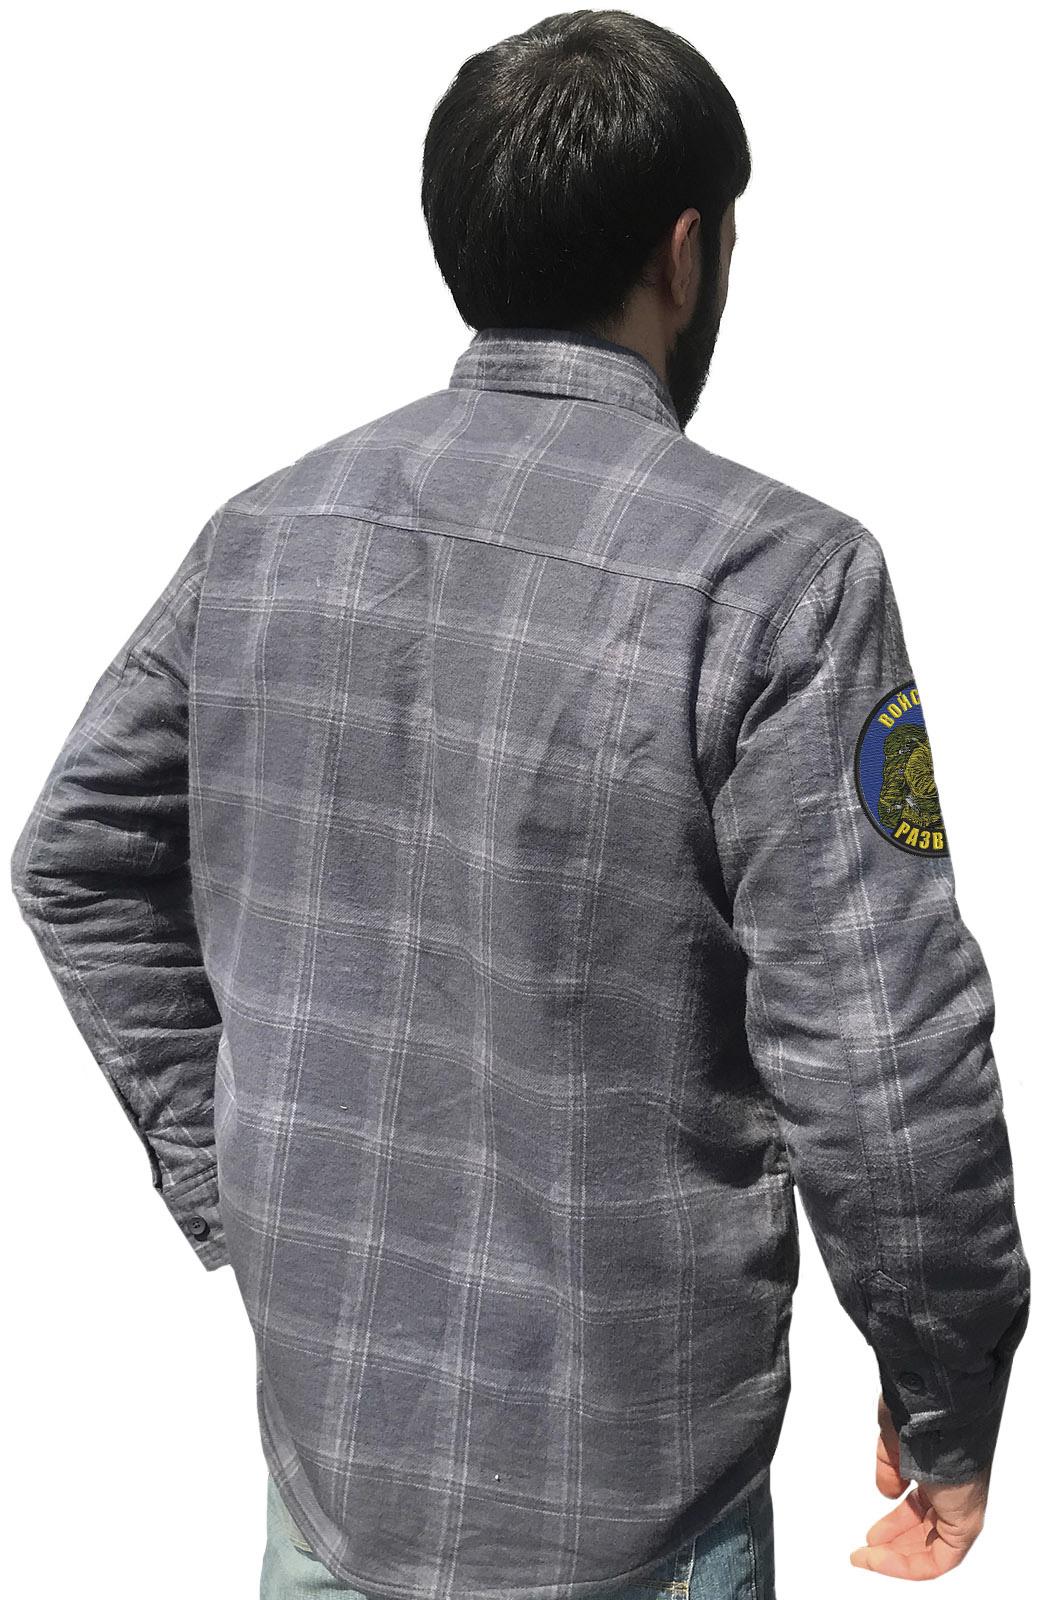 Клетчатая рубашка с шевроном Войсковой разведки заказать в подарок